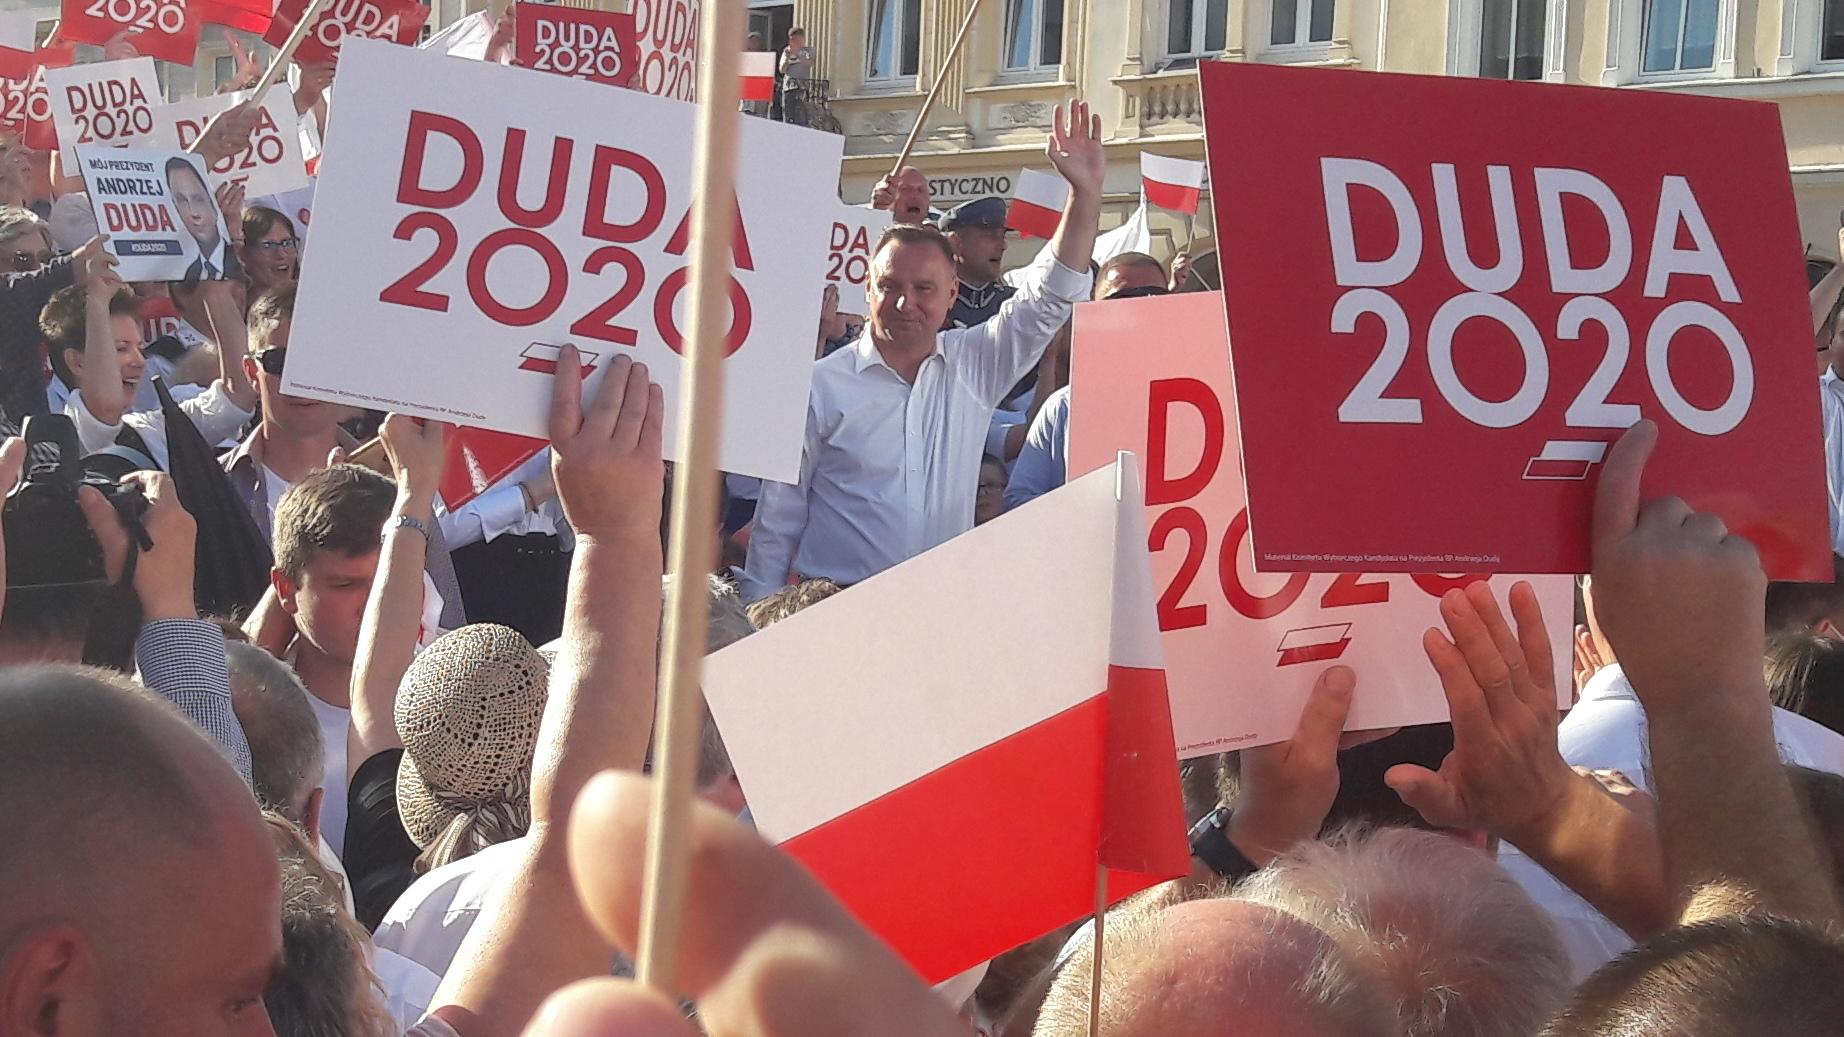 2020-07-10-duda